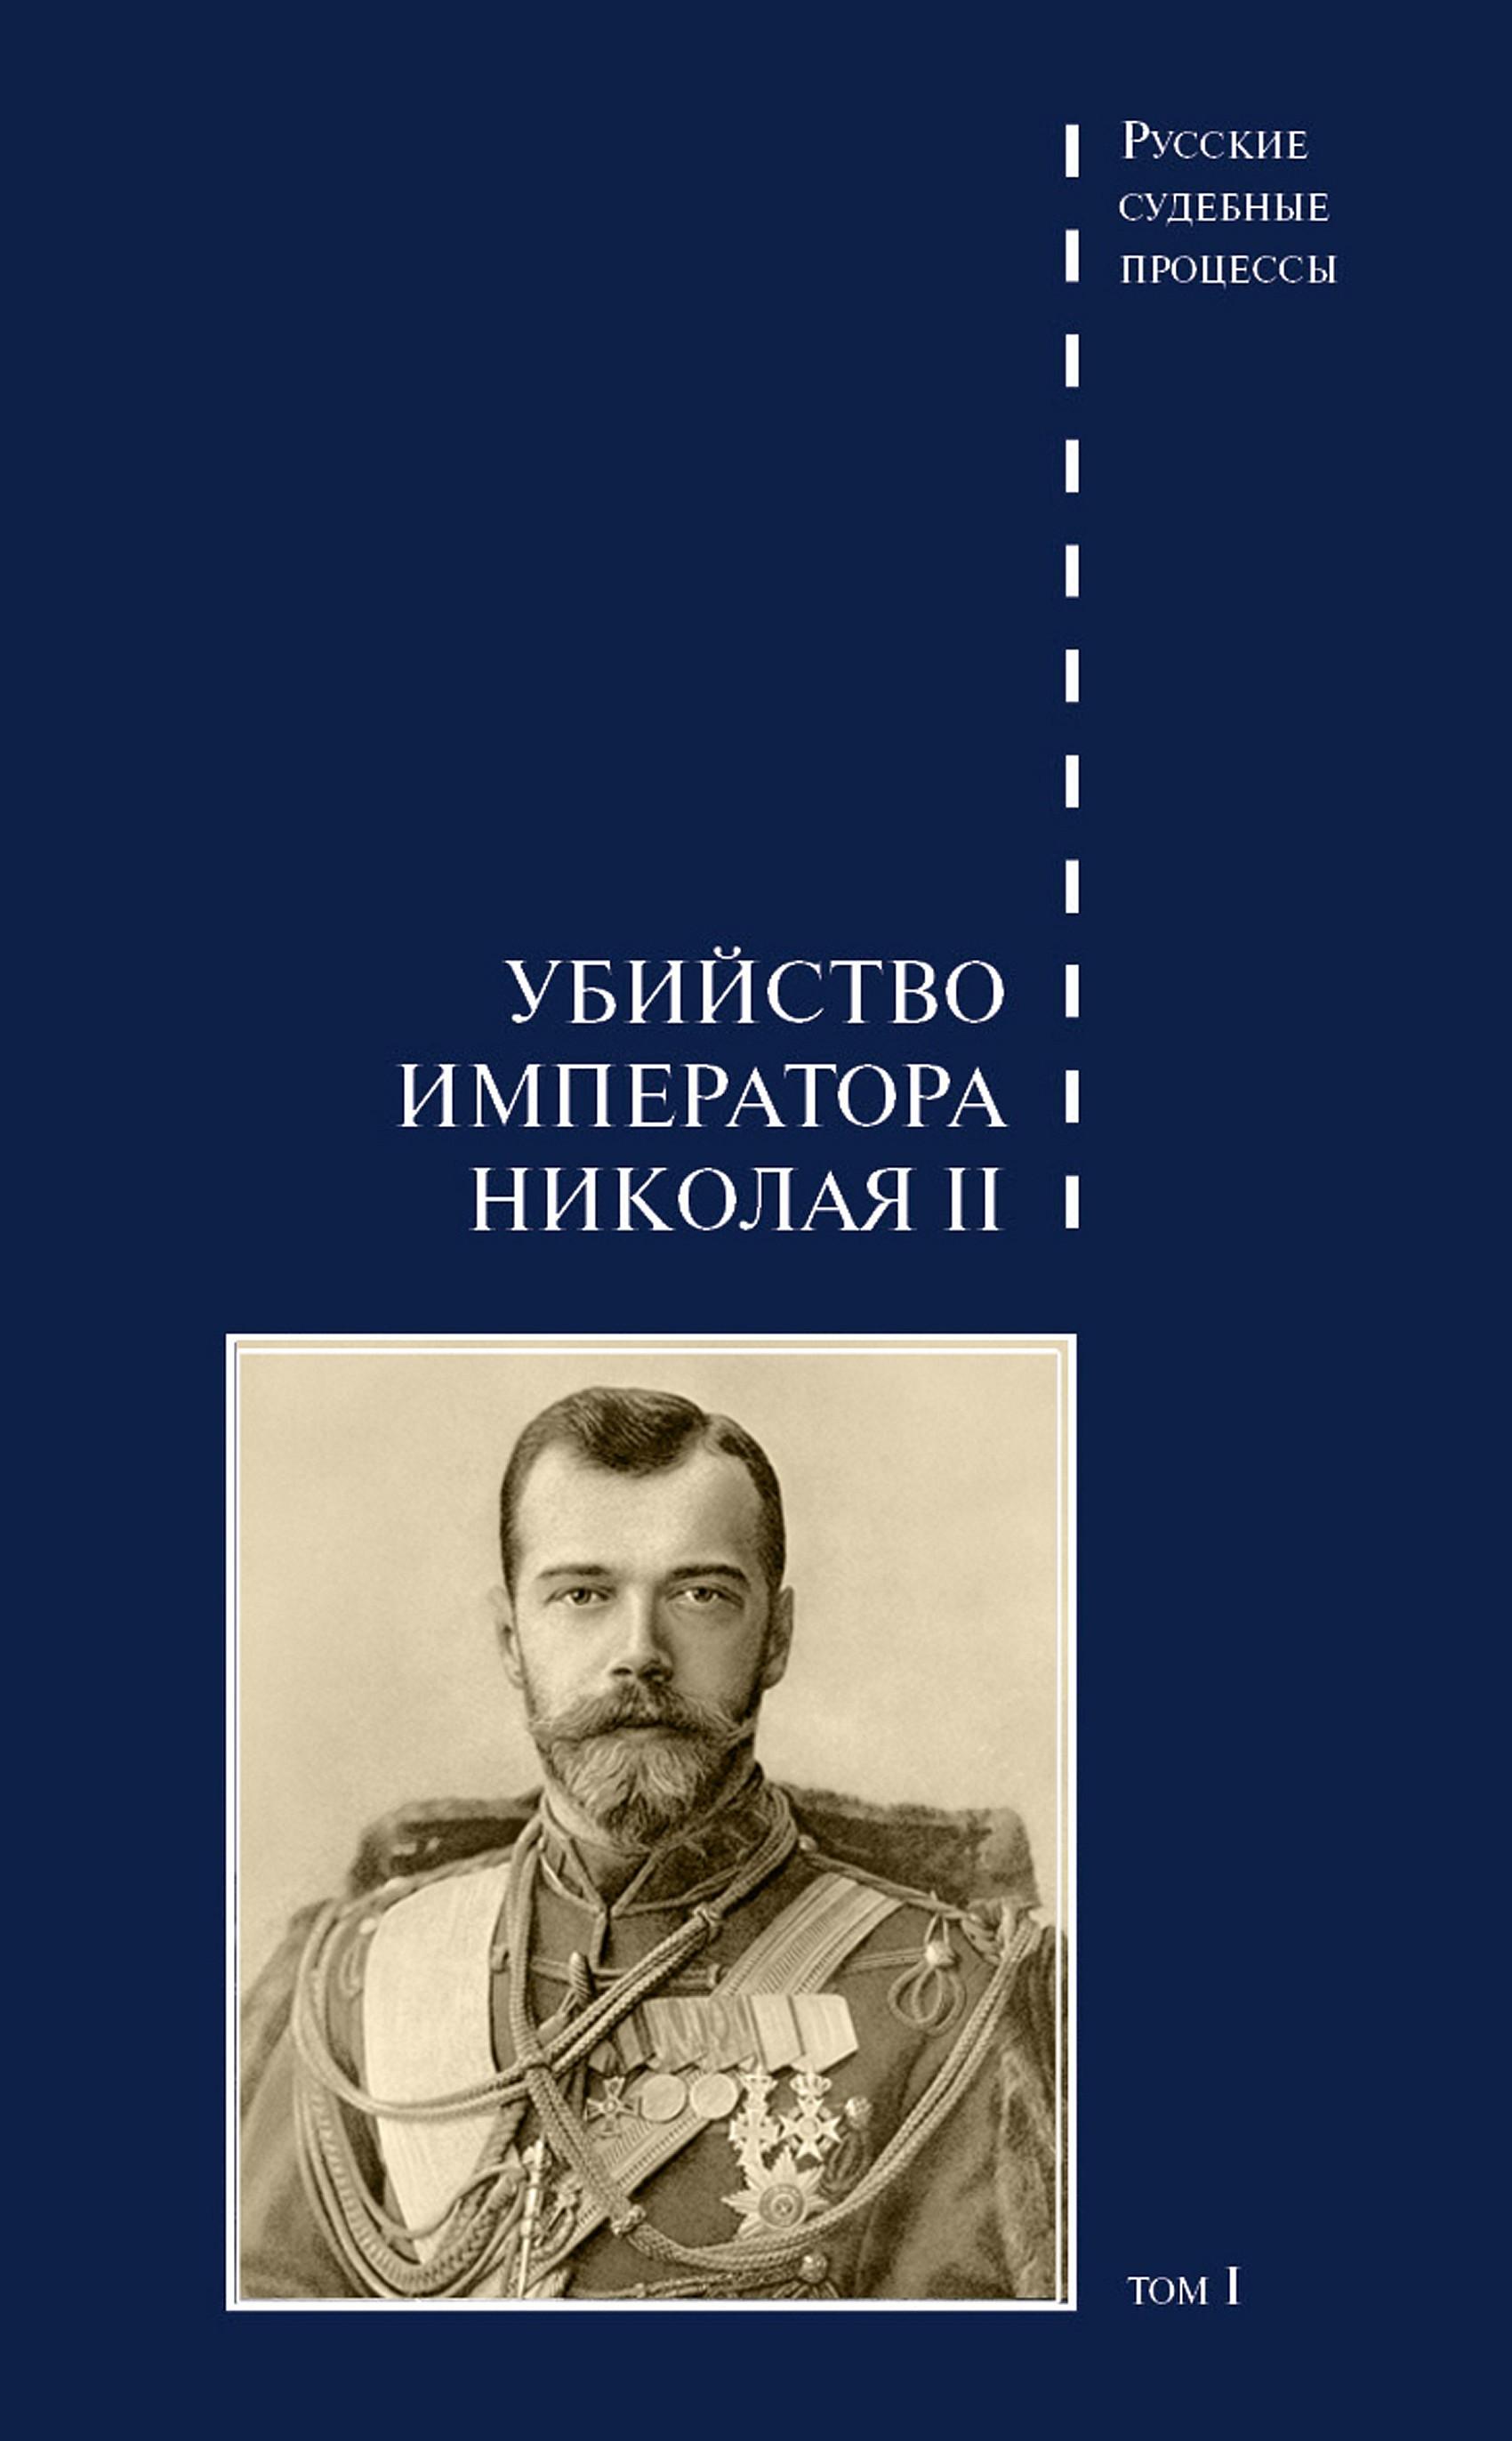 Отсутствует Дело об убийстве императора Николая II, его семьи и лиц их окружения. Том 1 отсутствует дело об убийстве императора николая ii его семьи и лиц их окружения том 2